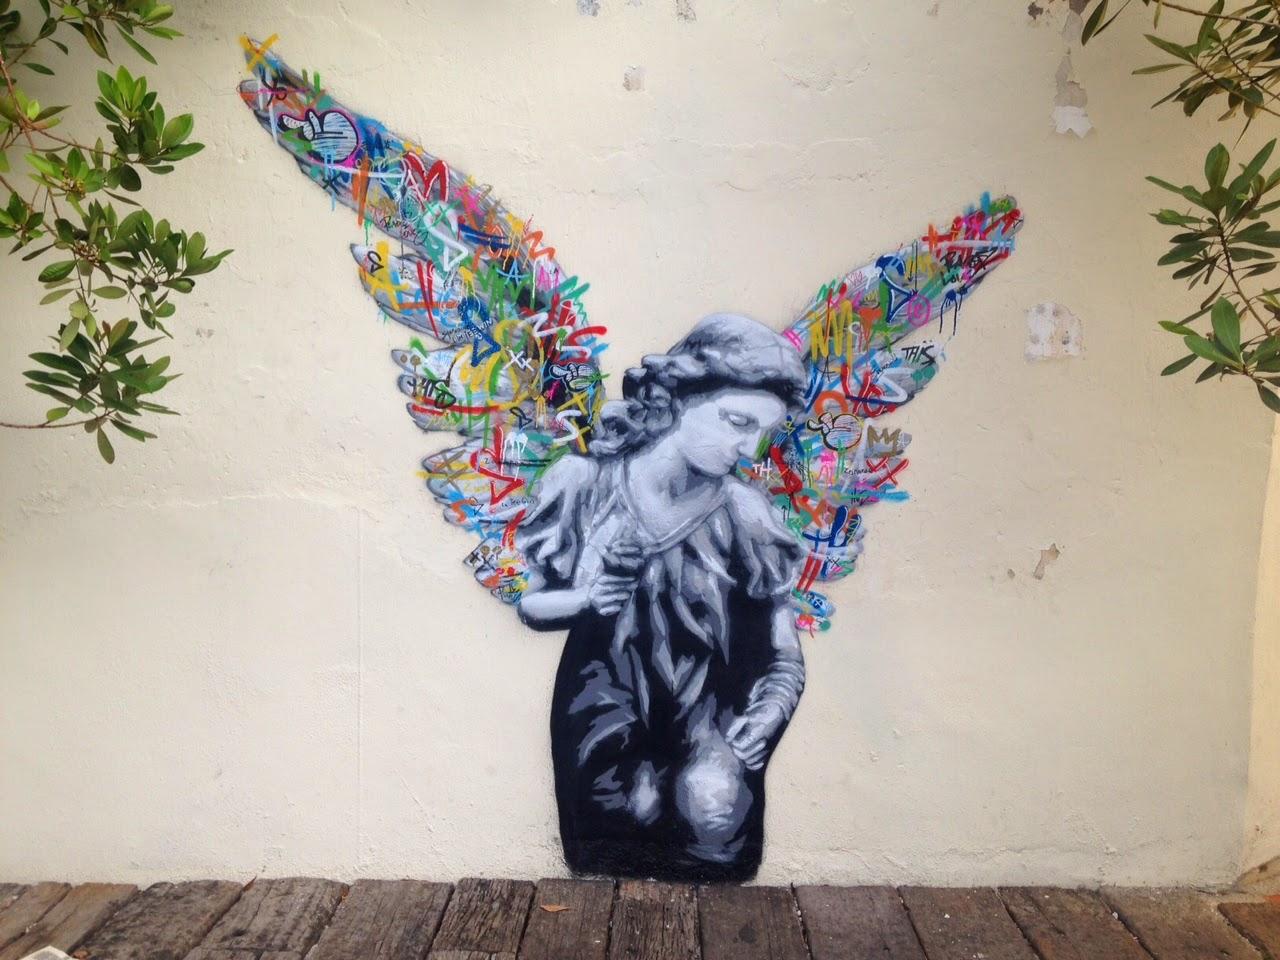 street-art-martin-watson